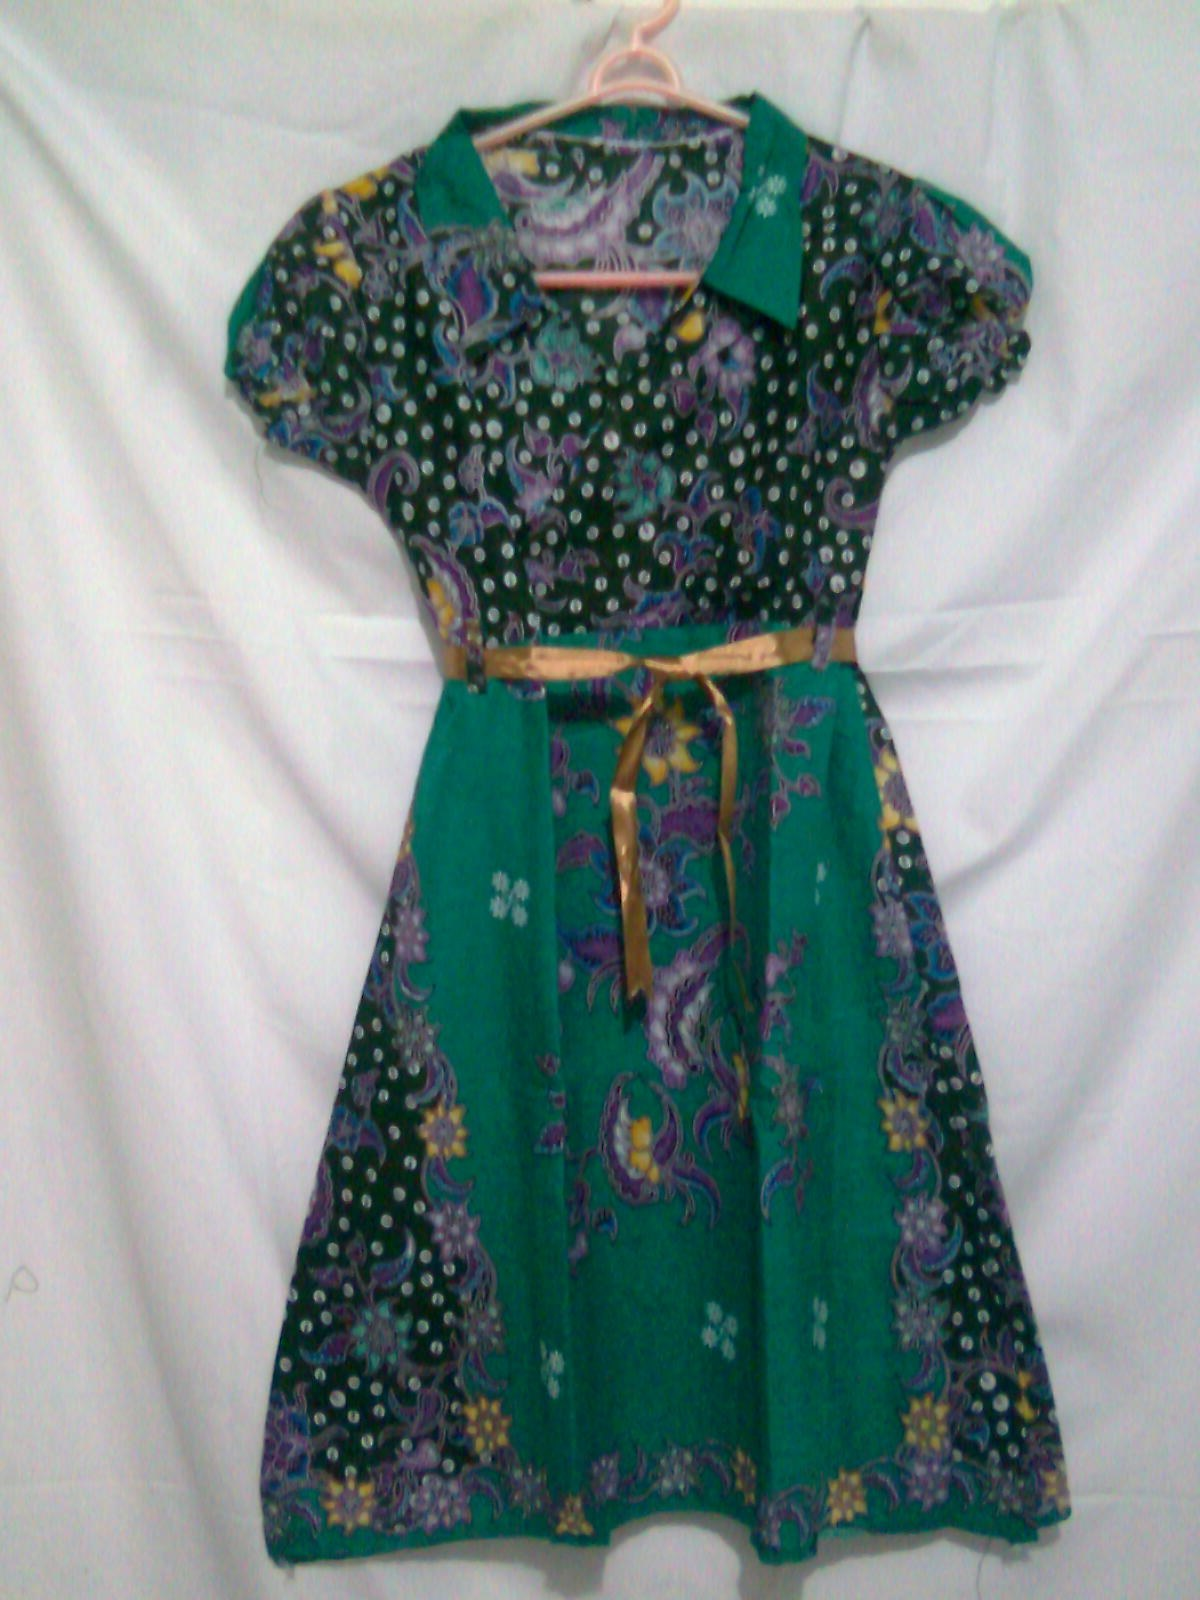 Ide Baju Lebaran Anak Perempuan Umur 10 Tahun Xtd6 Model Baju Batik Anak Perempuan Umur 8 Tahun Batik Loka Jaya